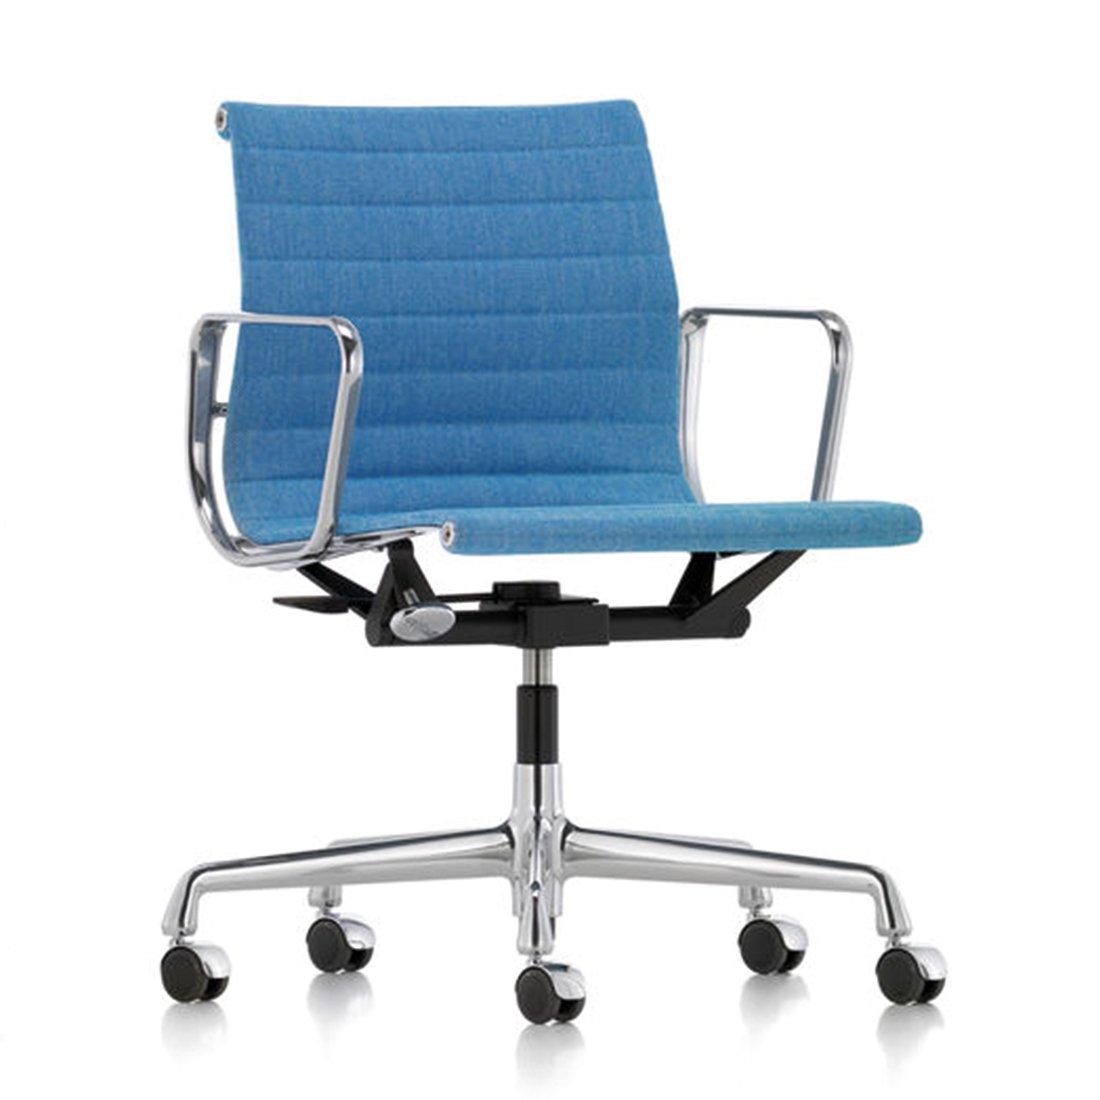 Vitra Aluminium Chair EA 117 Bureaustoel - Hopsack 83 Blauw/ivoor